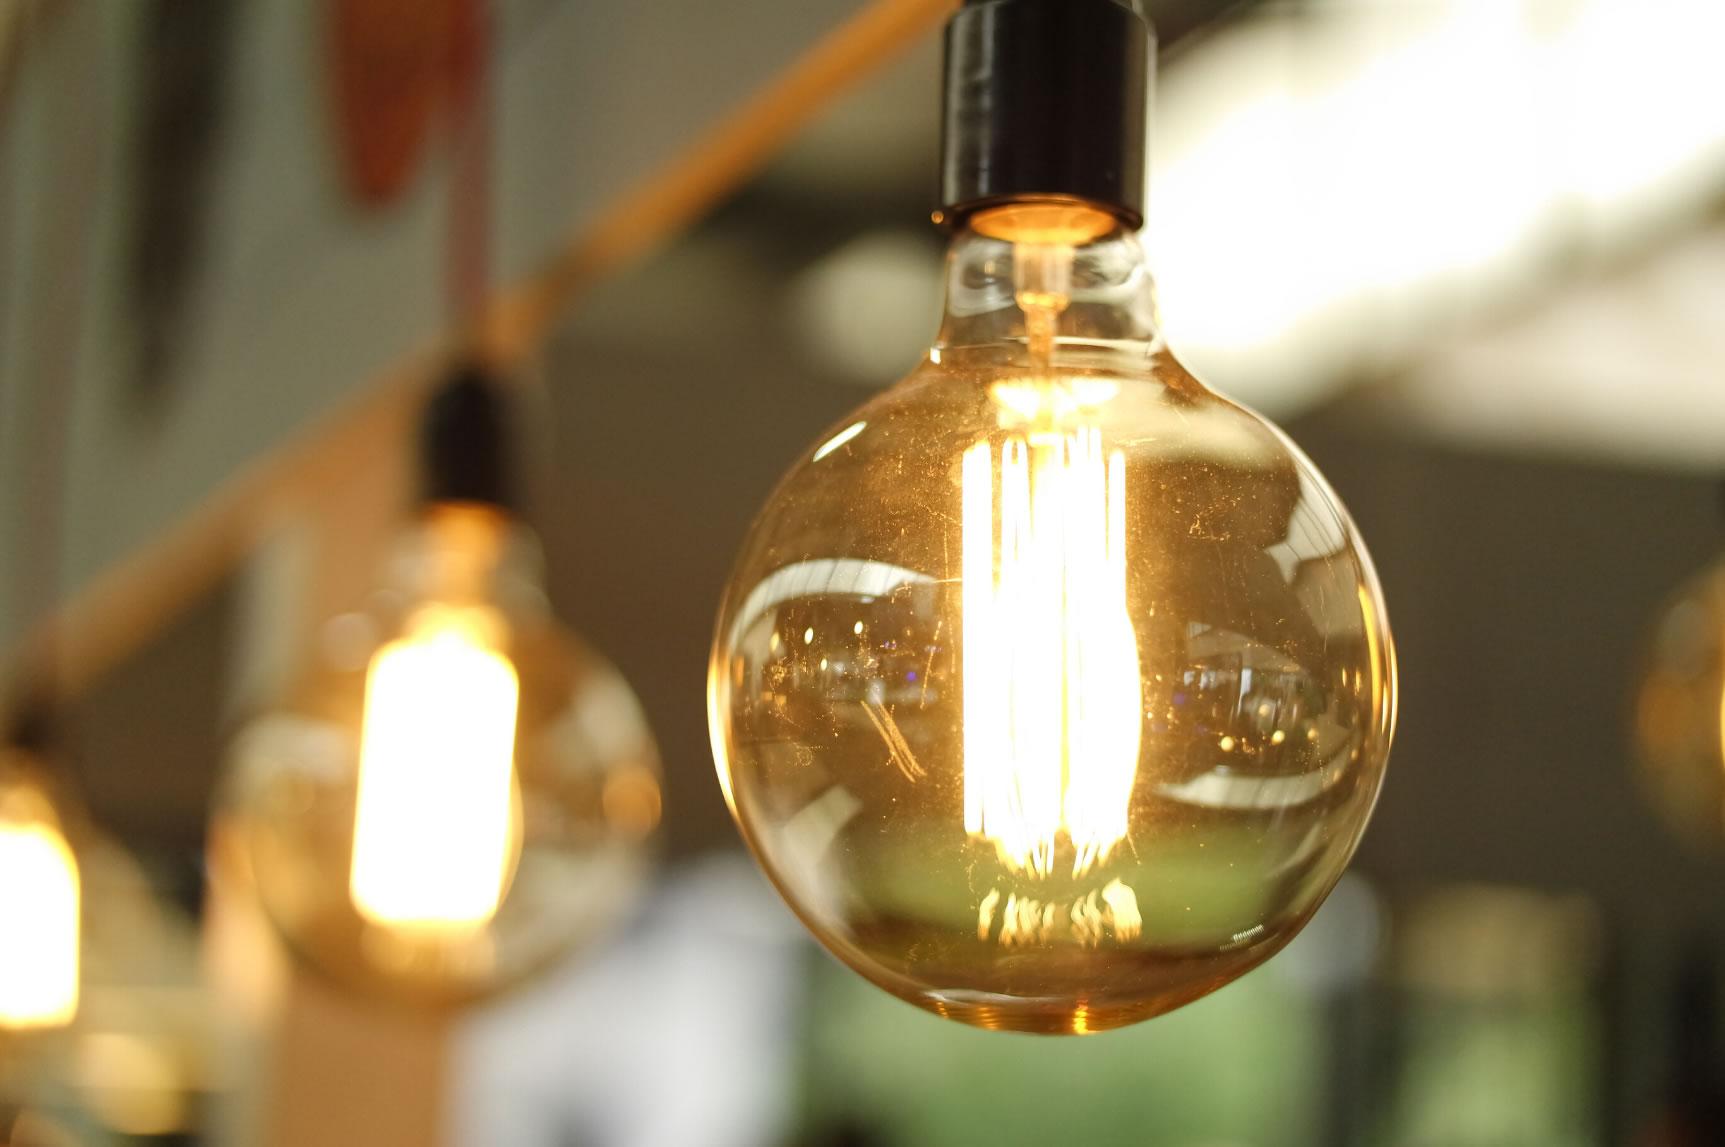 Tall de subministrament elèctric el dijous 23 de juliol